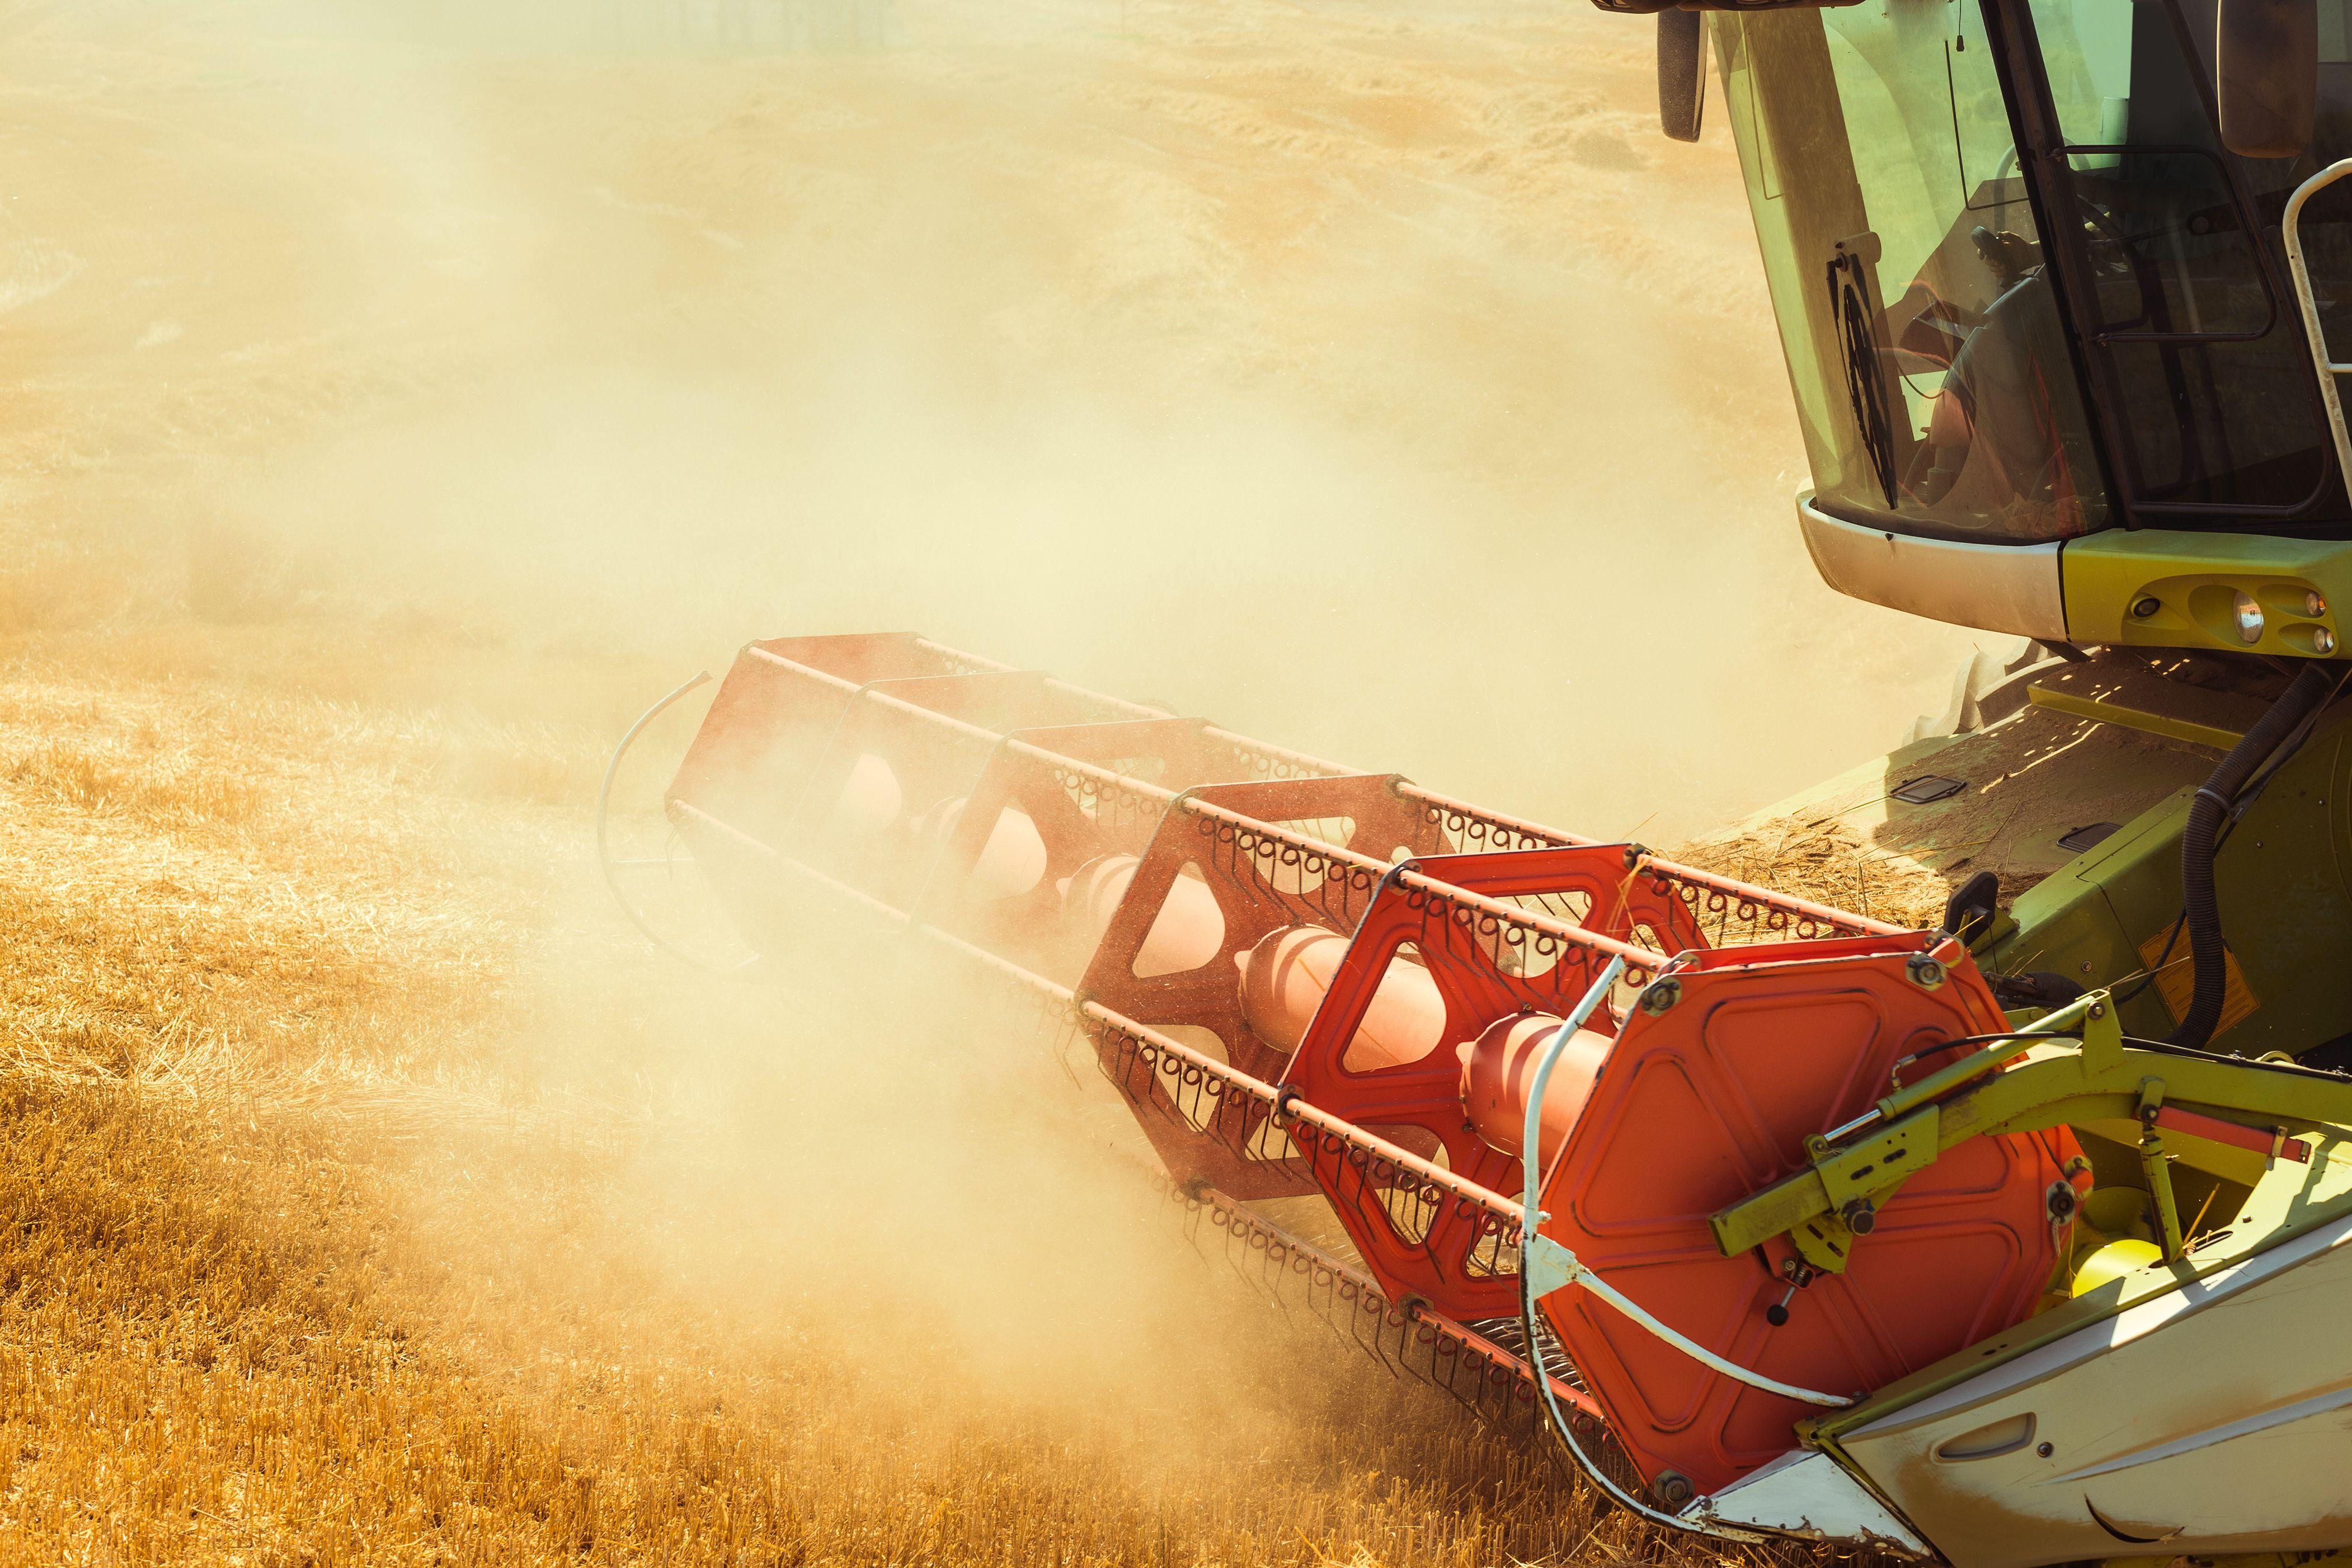 Mantenimiento de maquinaria agrícola: Recambios de Recambios Bellavista